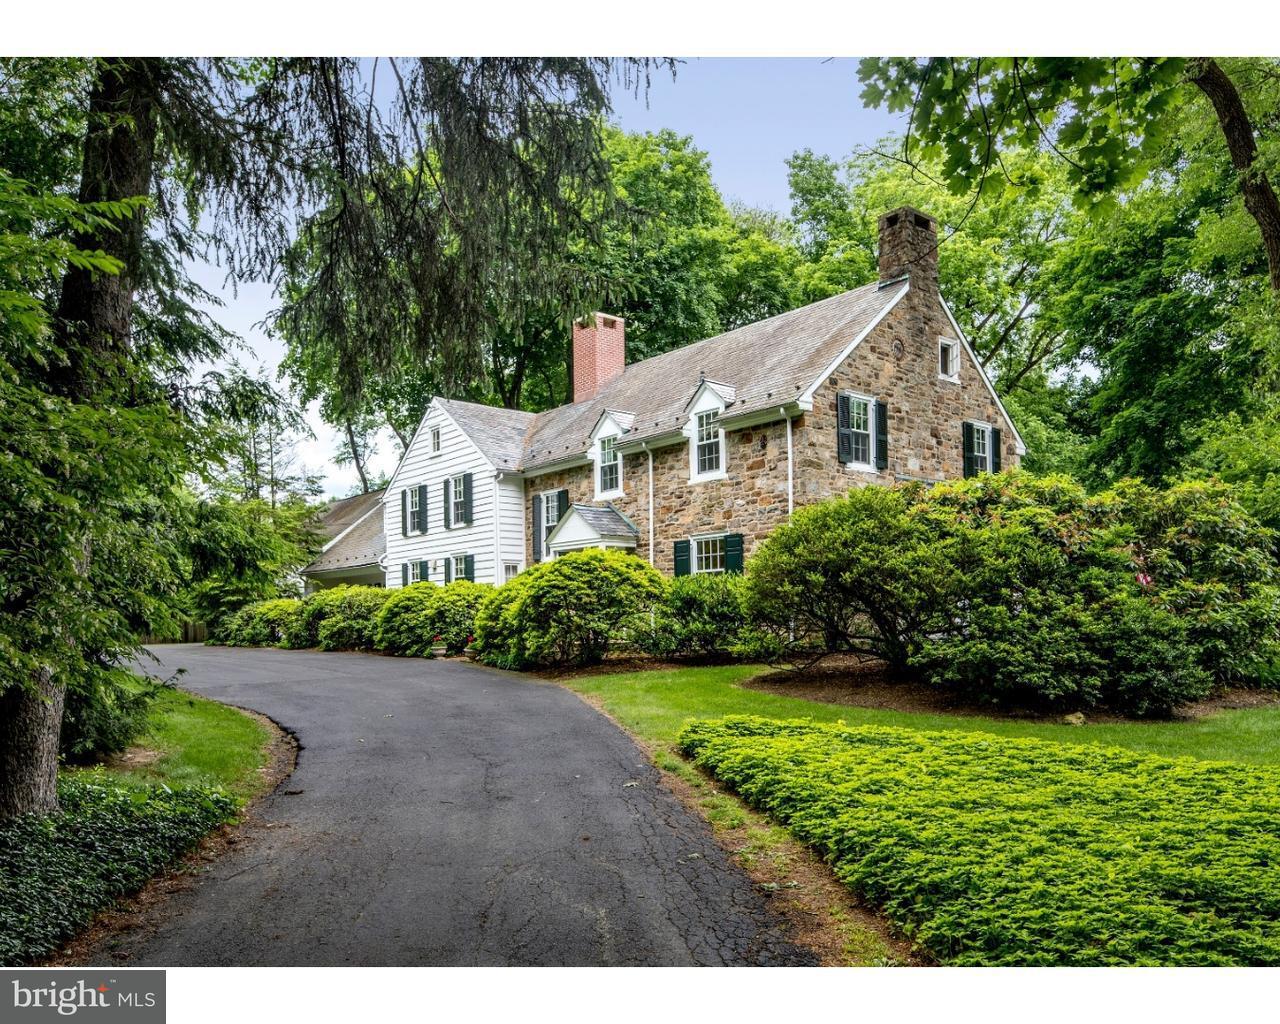 Частный односемейный дом для того Продажа на 330 PINE TOP Trail Bethlehem, Пенсильвания 18017 Соединенные Штаты